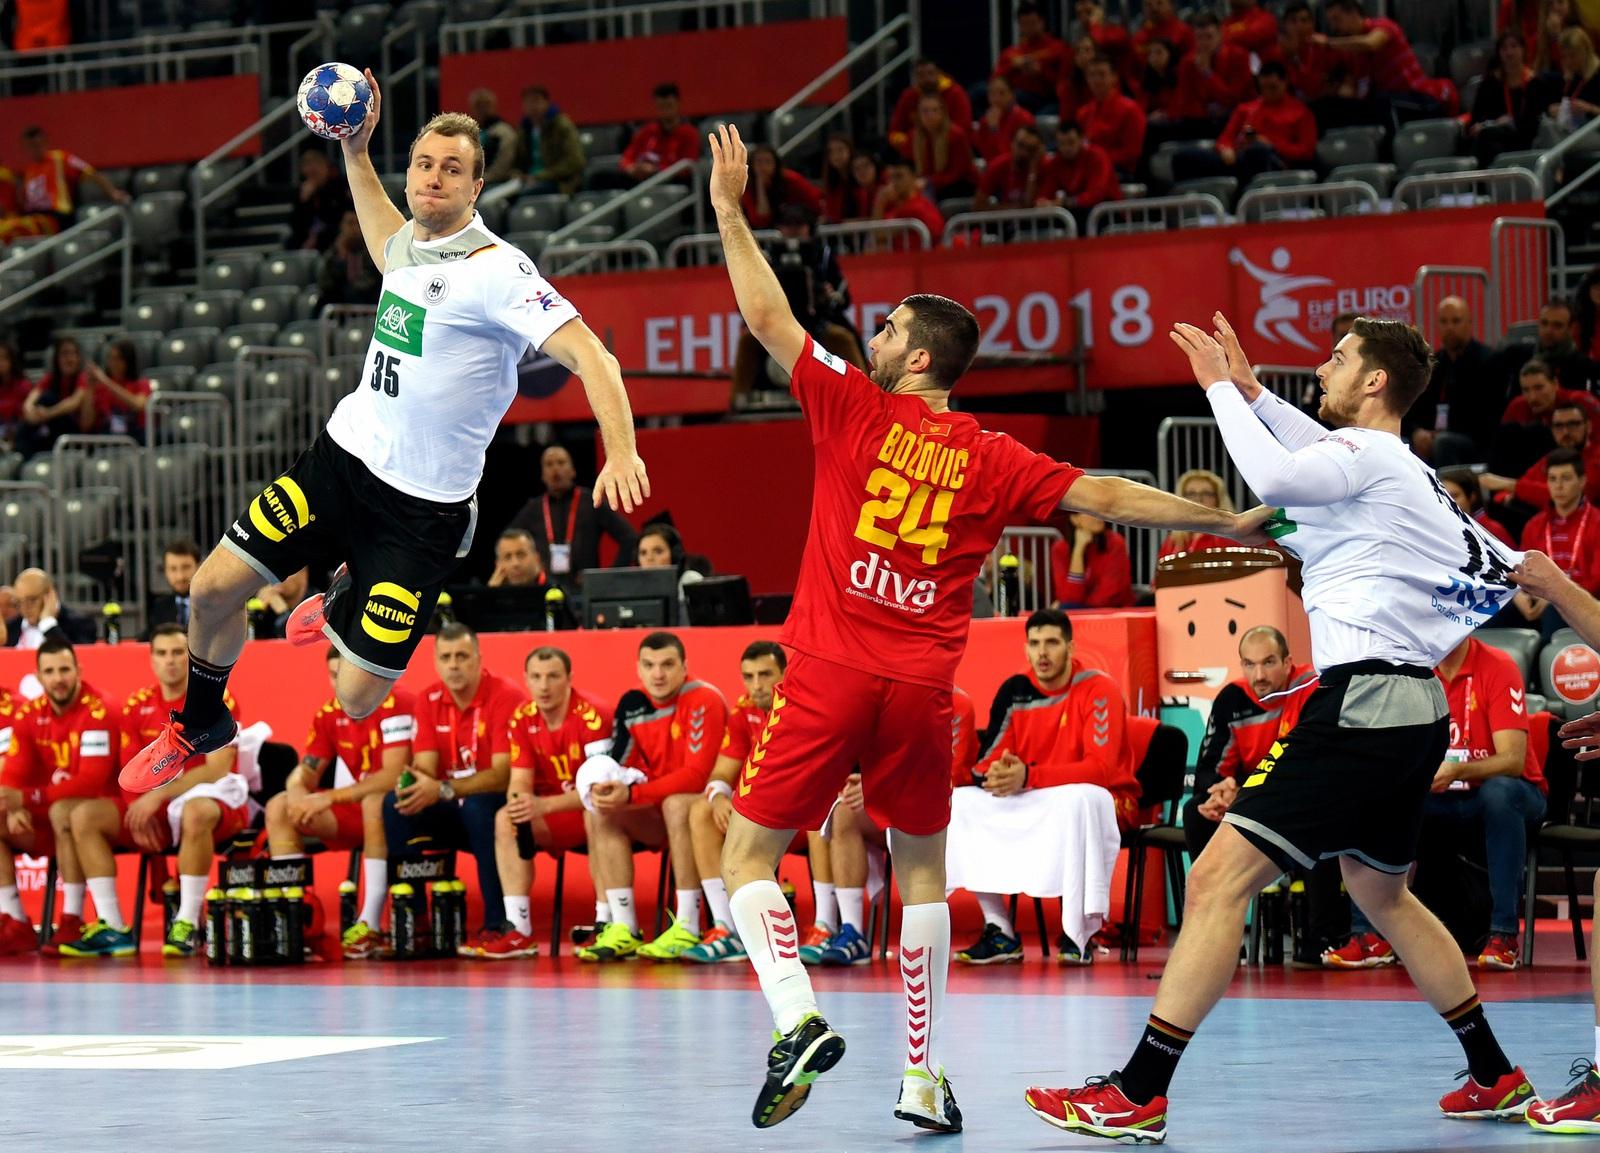 handball europameisterschaft